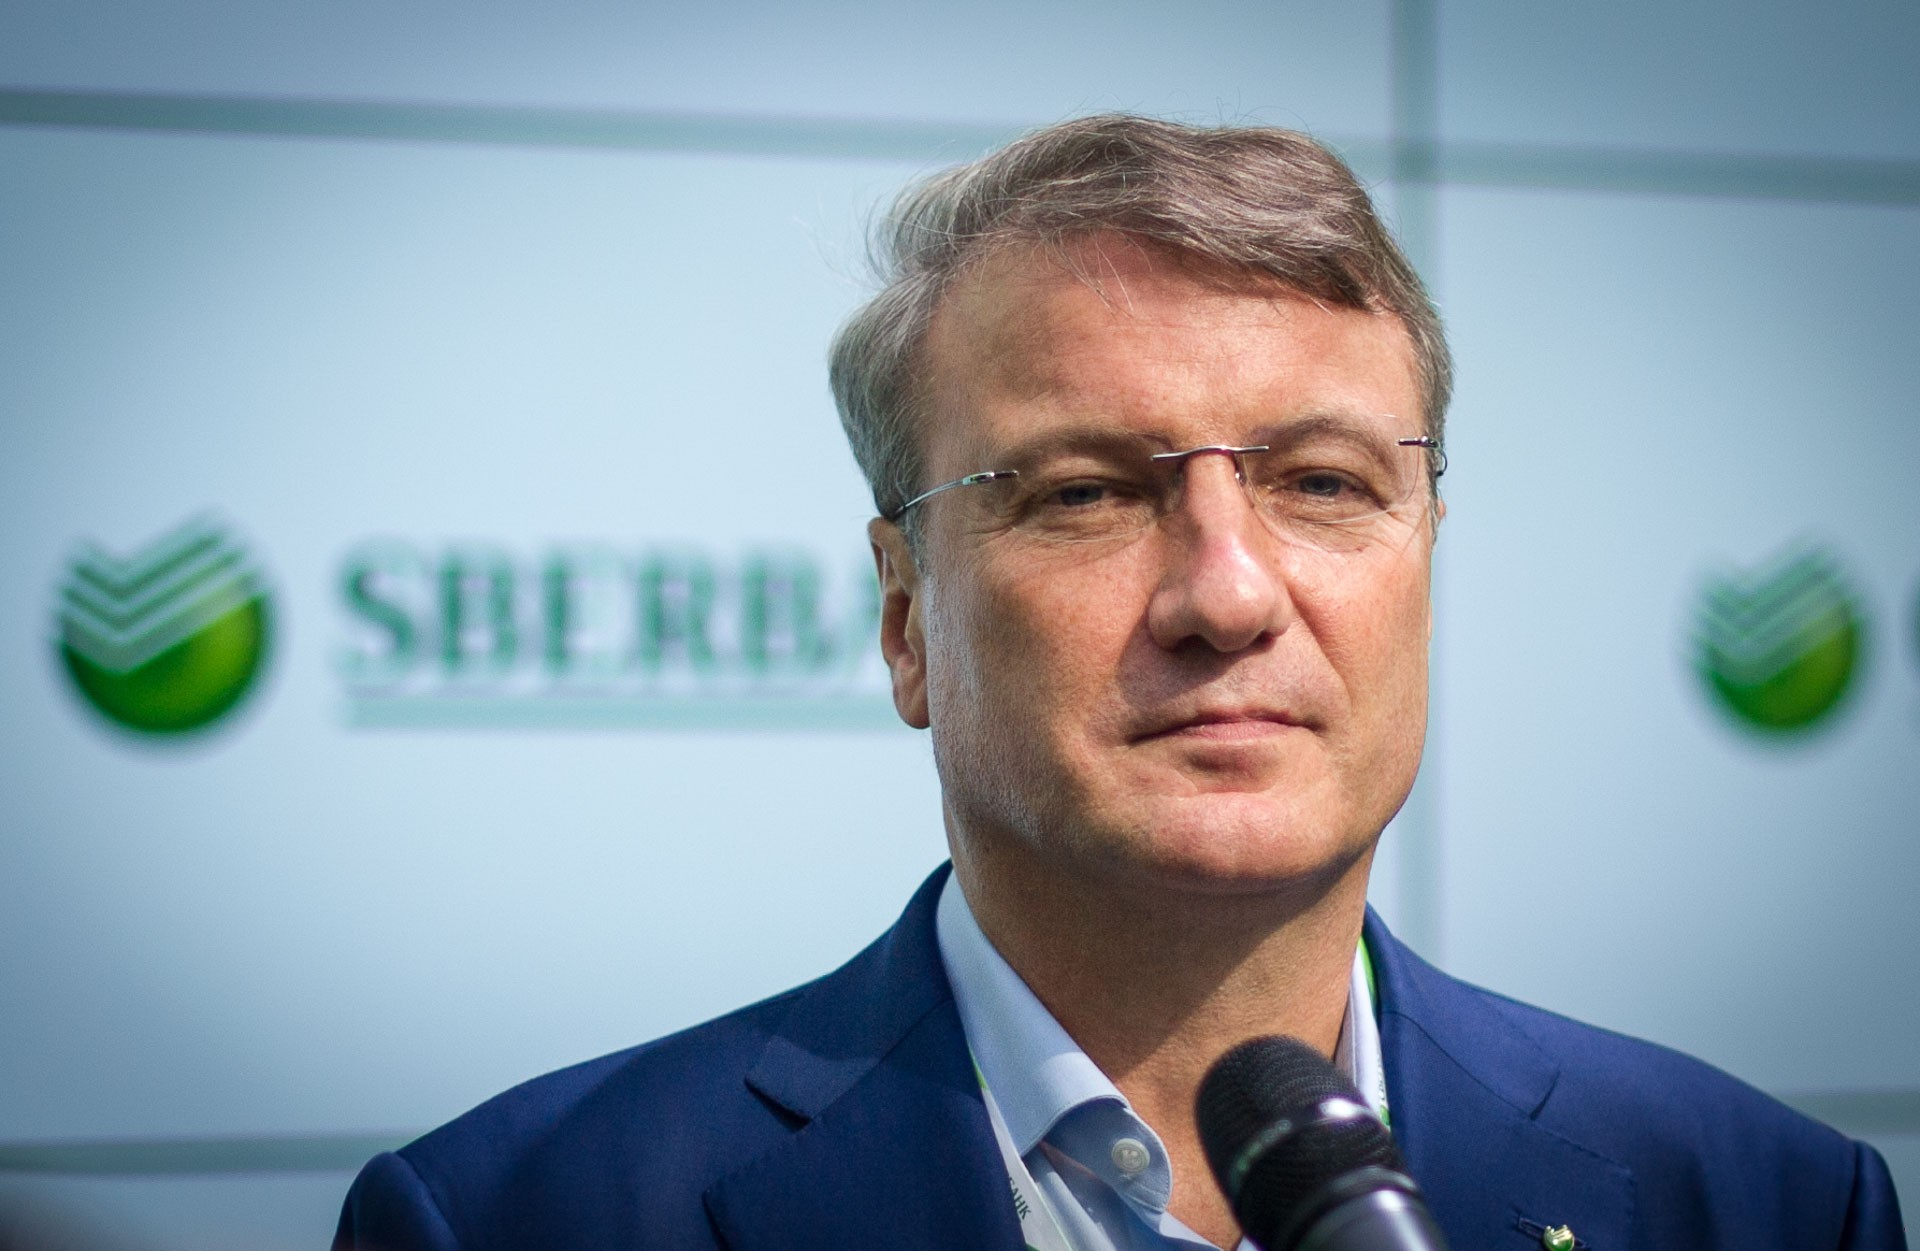 Численность служащих Сбербанка может сократиться к 2025 вдвое